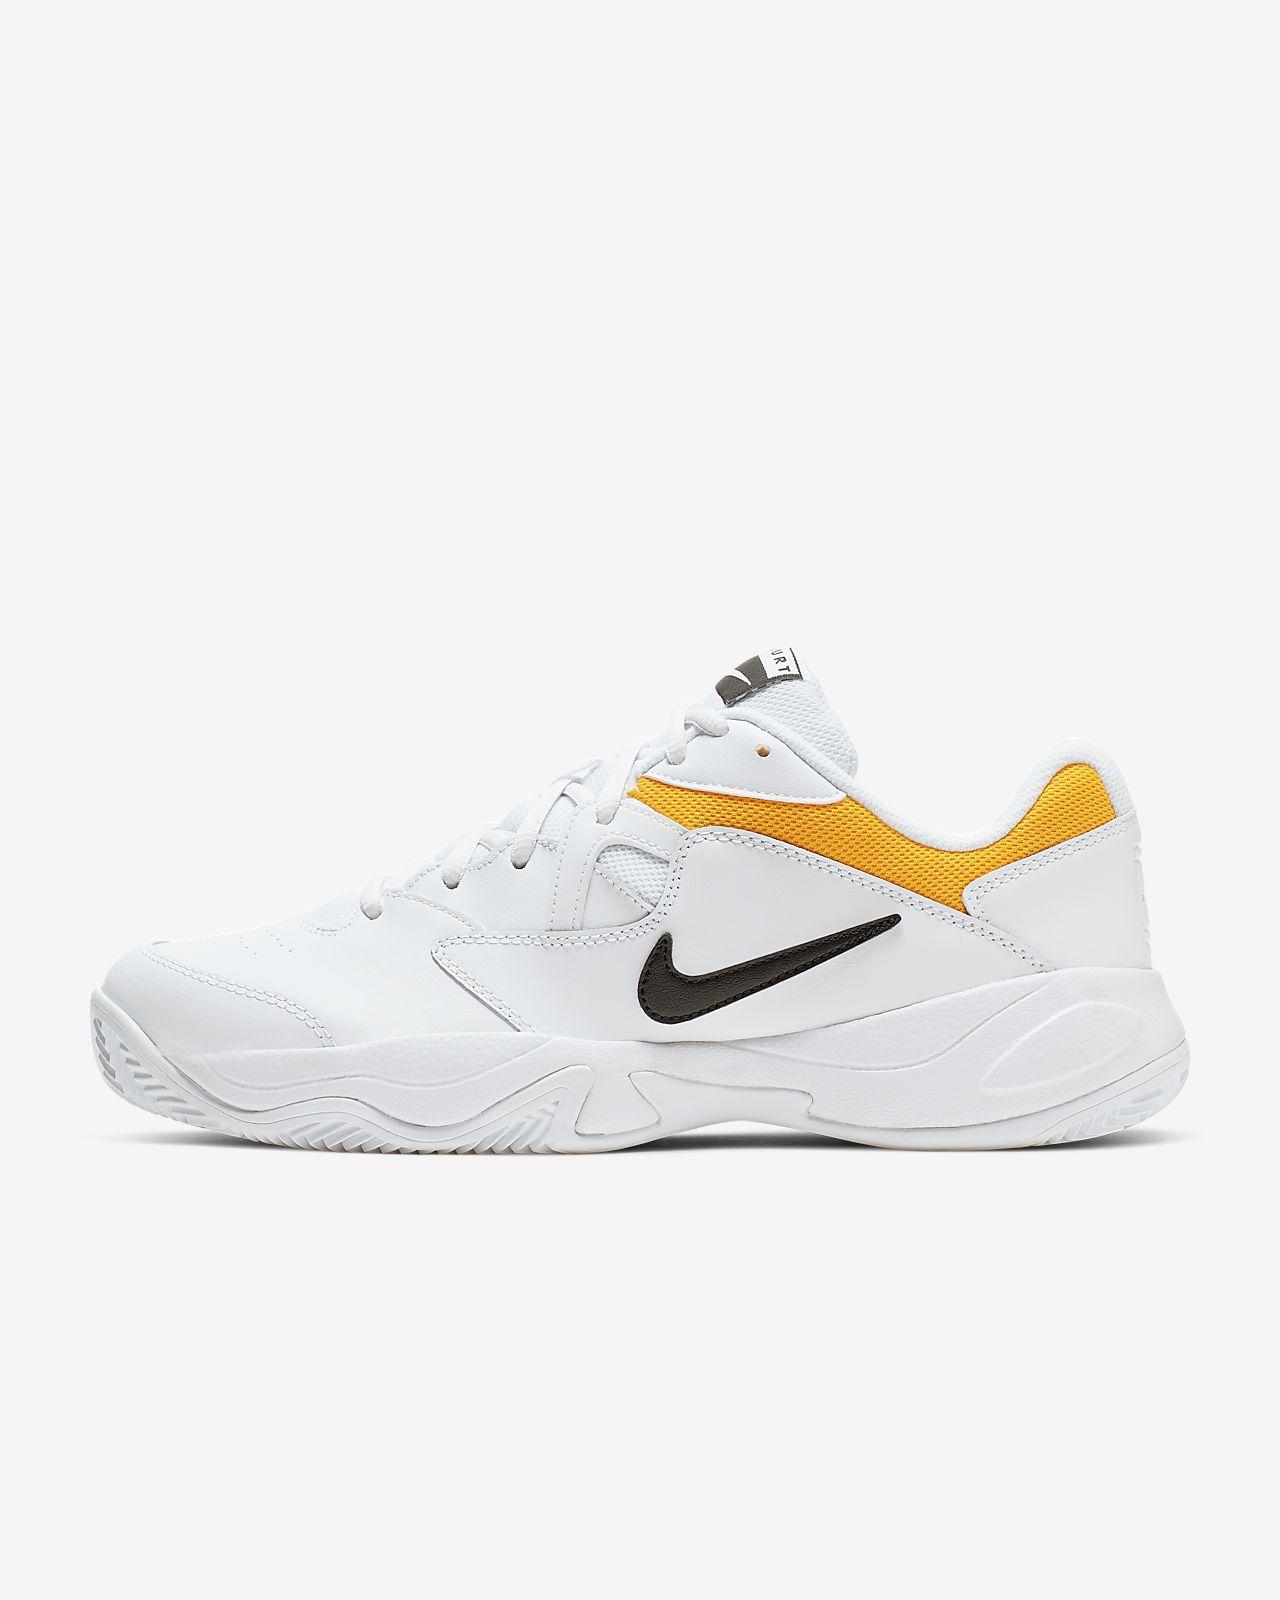 new product c64d9 4122e ... Chaussure de tennis pour terre battue NikeCourt Lite 2 pour Homme